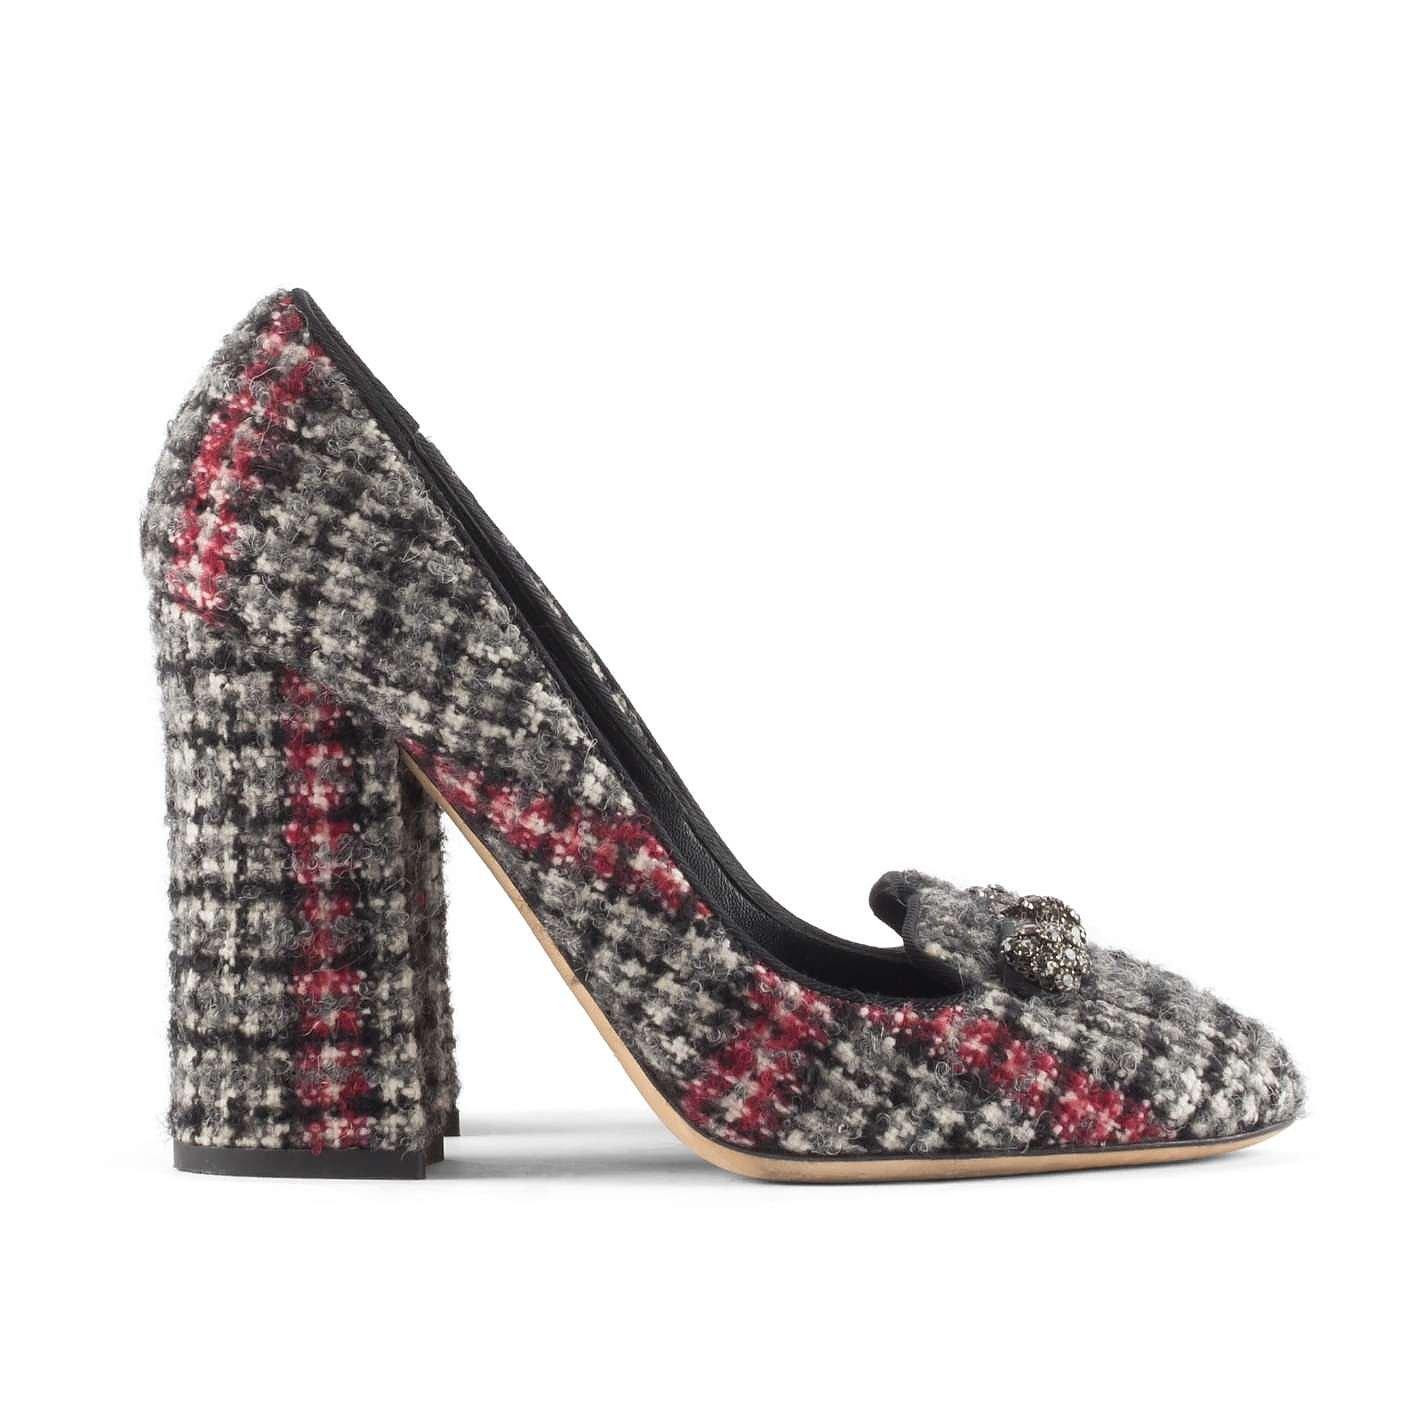 DOLCE & GABBANA Tweed Block Heels